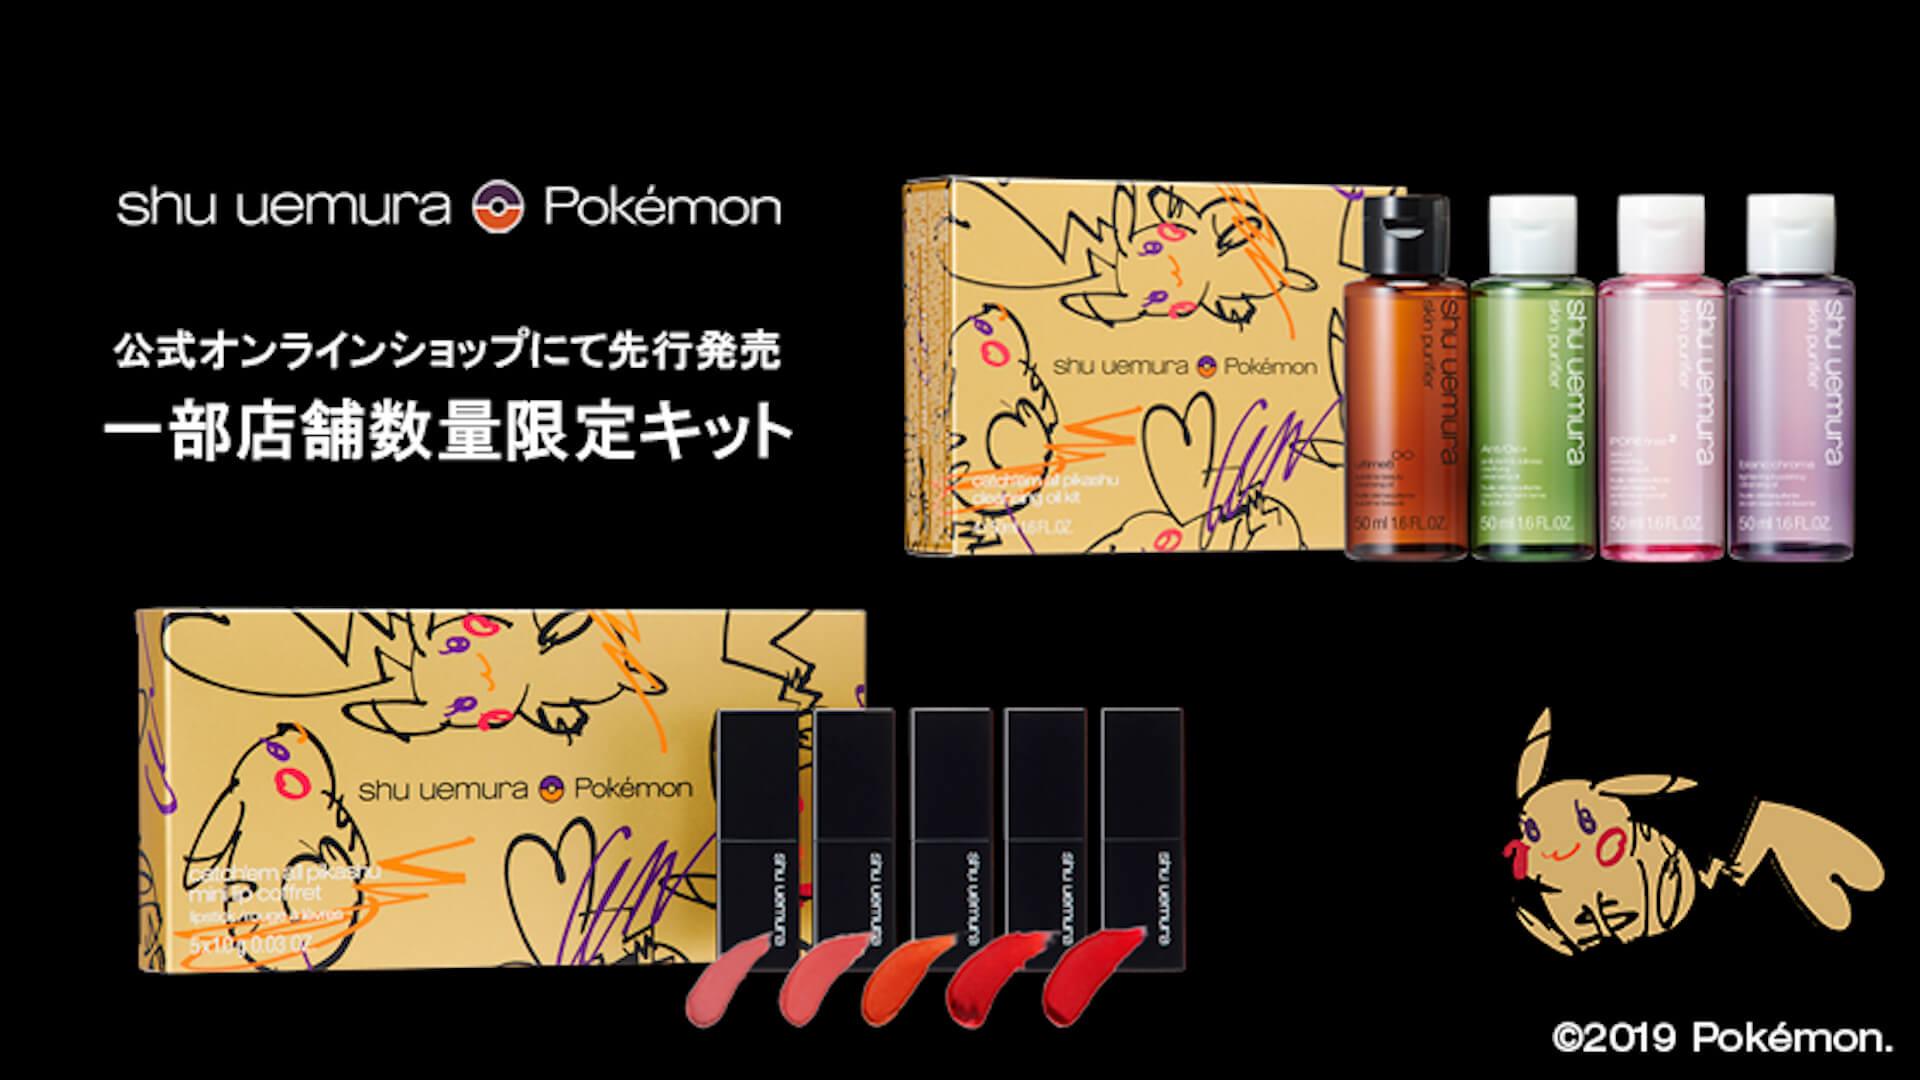 シュウ ウエムラ×ポケモン コレクション第1弾が11月1日に発売!公式オンラインショップでの先行予約受付にアクセス集中 life191018_shuuemura_pokemon_3